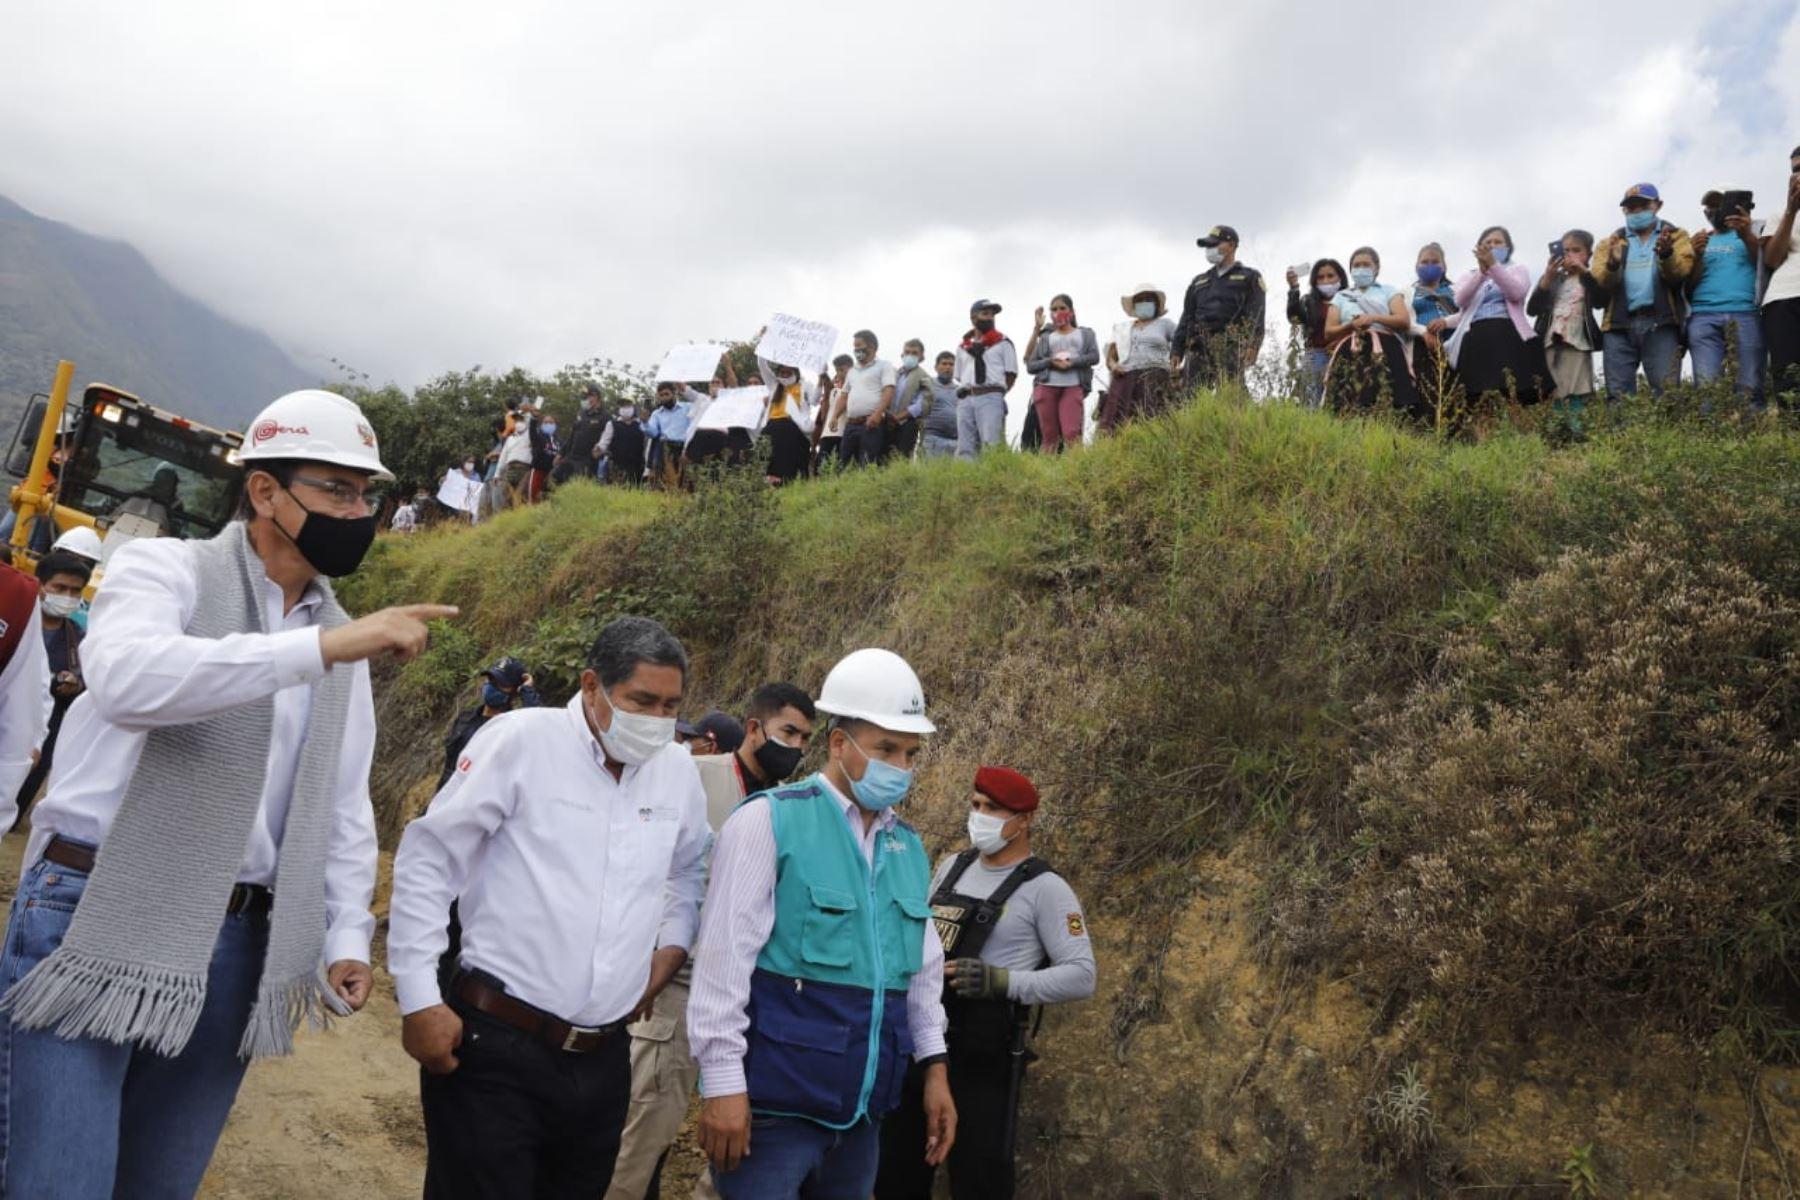 El presidente de la República, Martín Vizcarra, supervisa las obras de mejoramiento y conservación del tramo Huánuco - La Unión, en la región Huánuco. Foto: ANDINA/ Prensa Presidencia